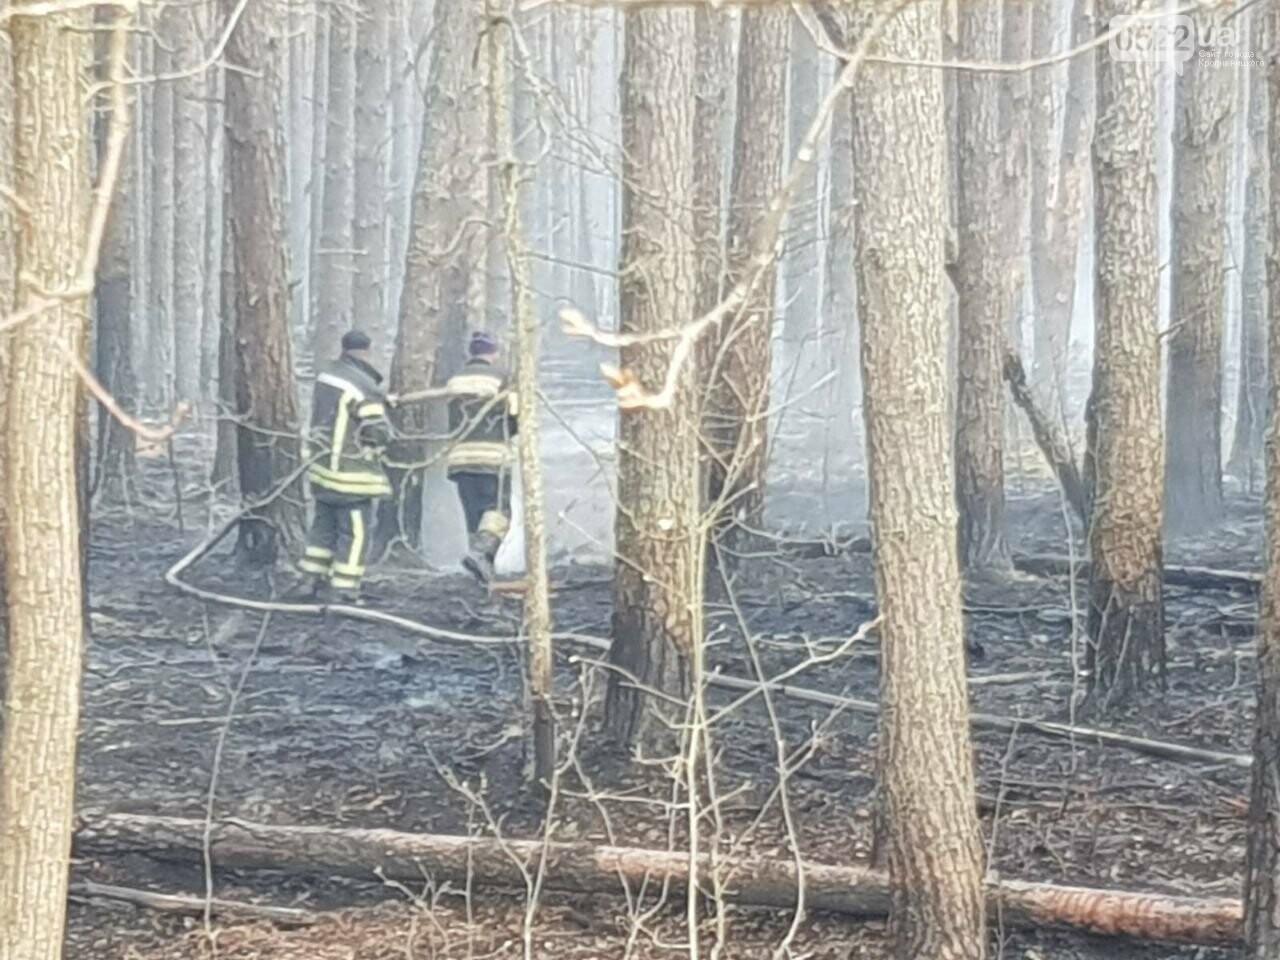 Зведений підрозділ кіровоградського гарнізону допомагає долати лісові пожежі на Київщині, фото-1